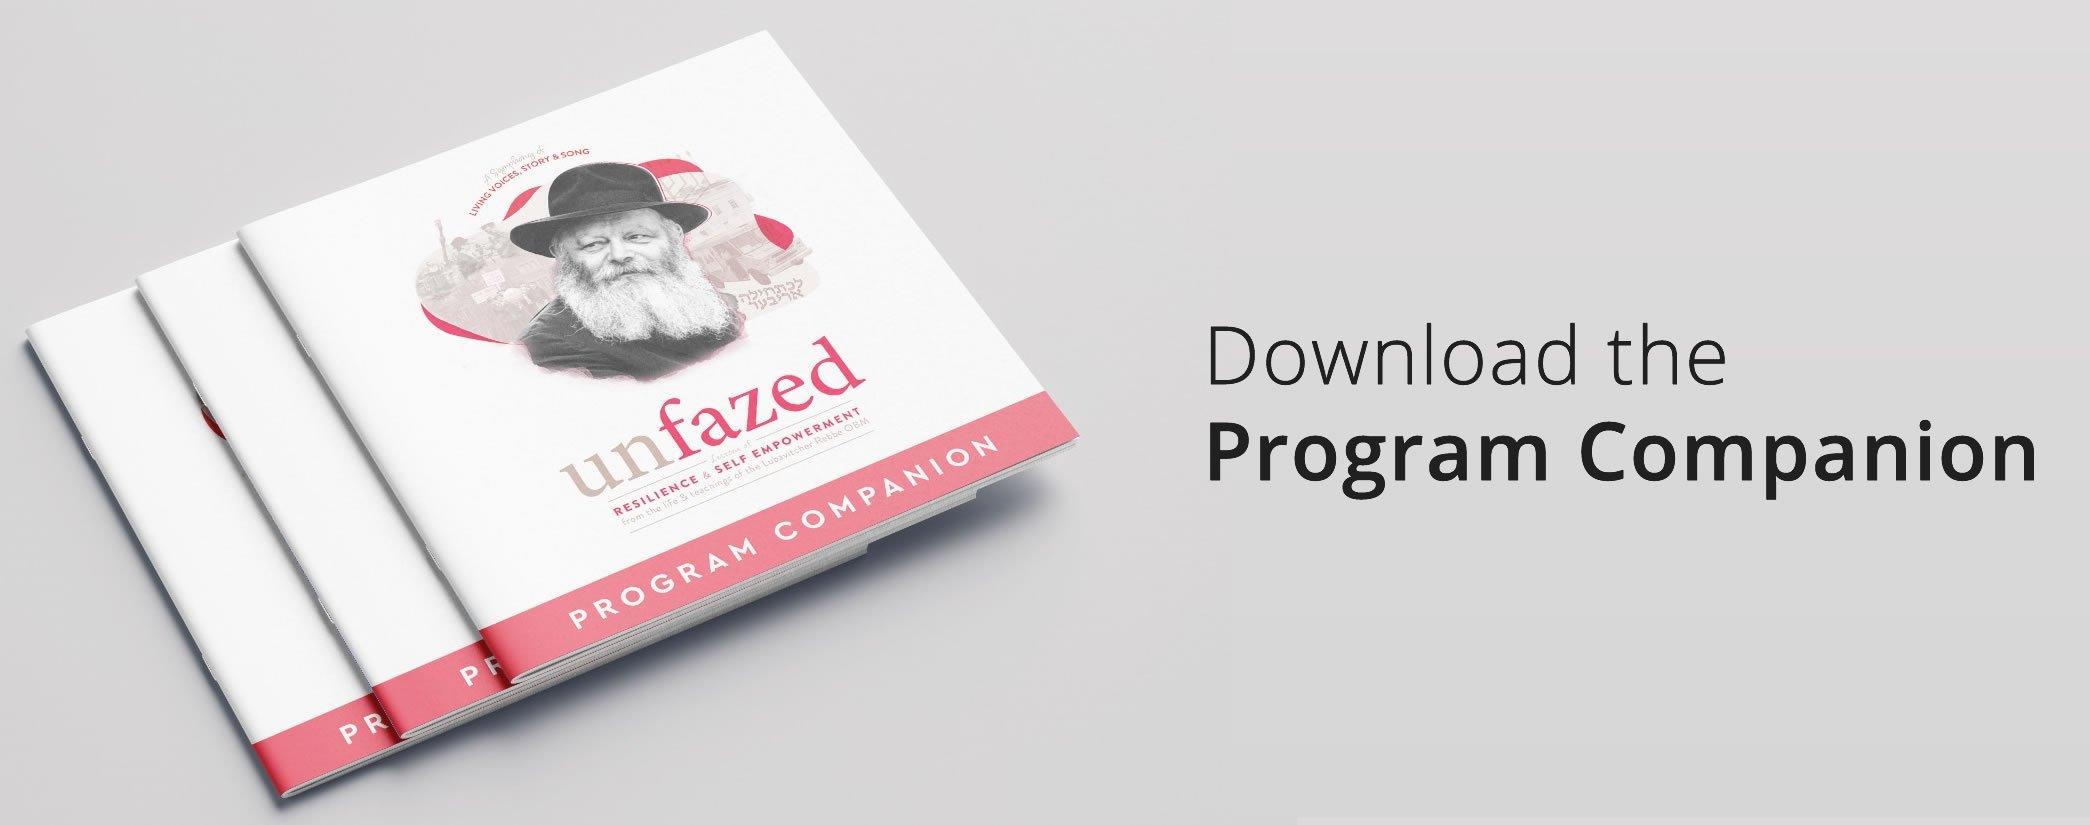 Download the Program Companion